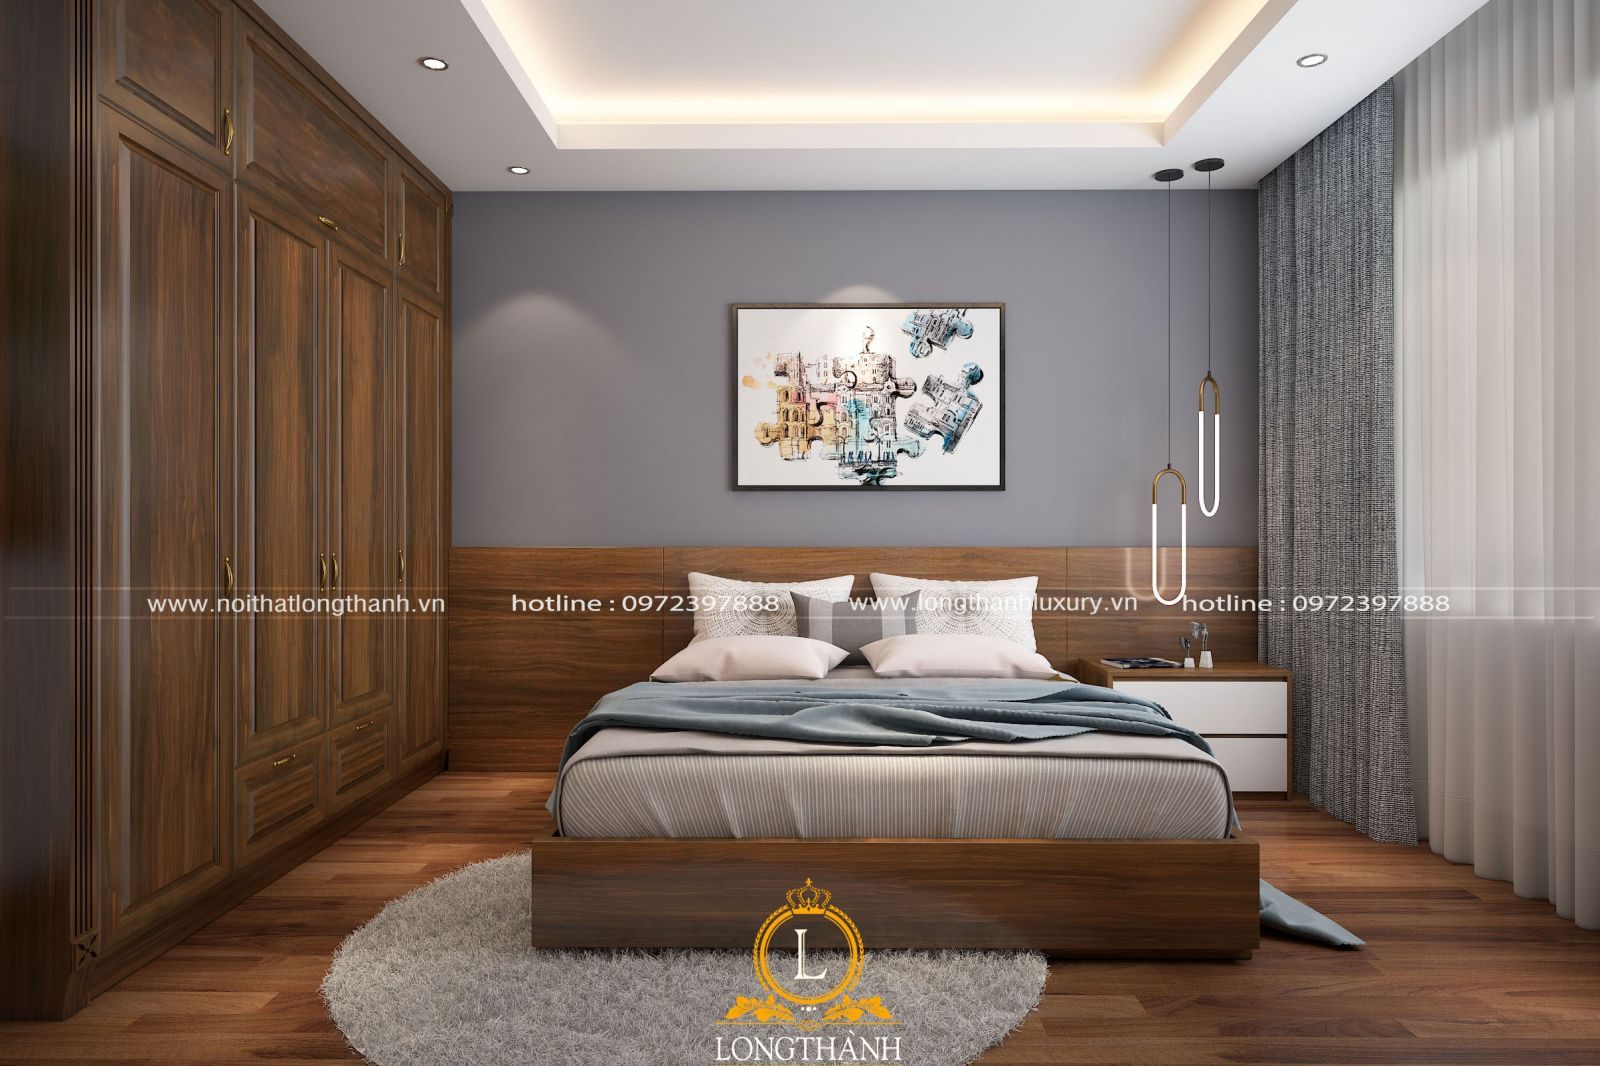 Chiếc giường đẹp được làm từ gỗ tự nhiên không thể thiếu trong phòng ngủ hiện đại